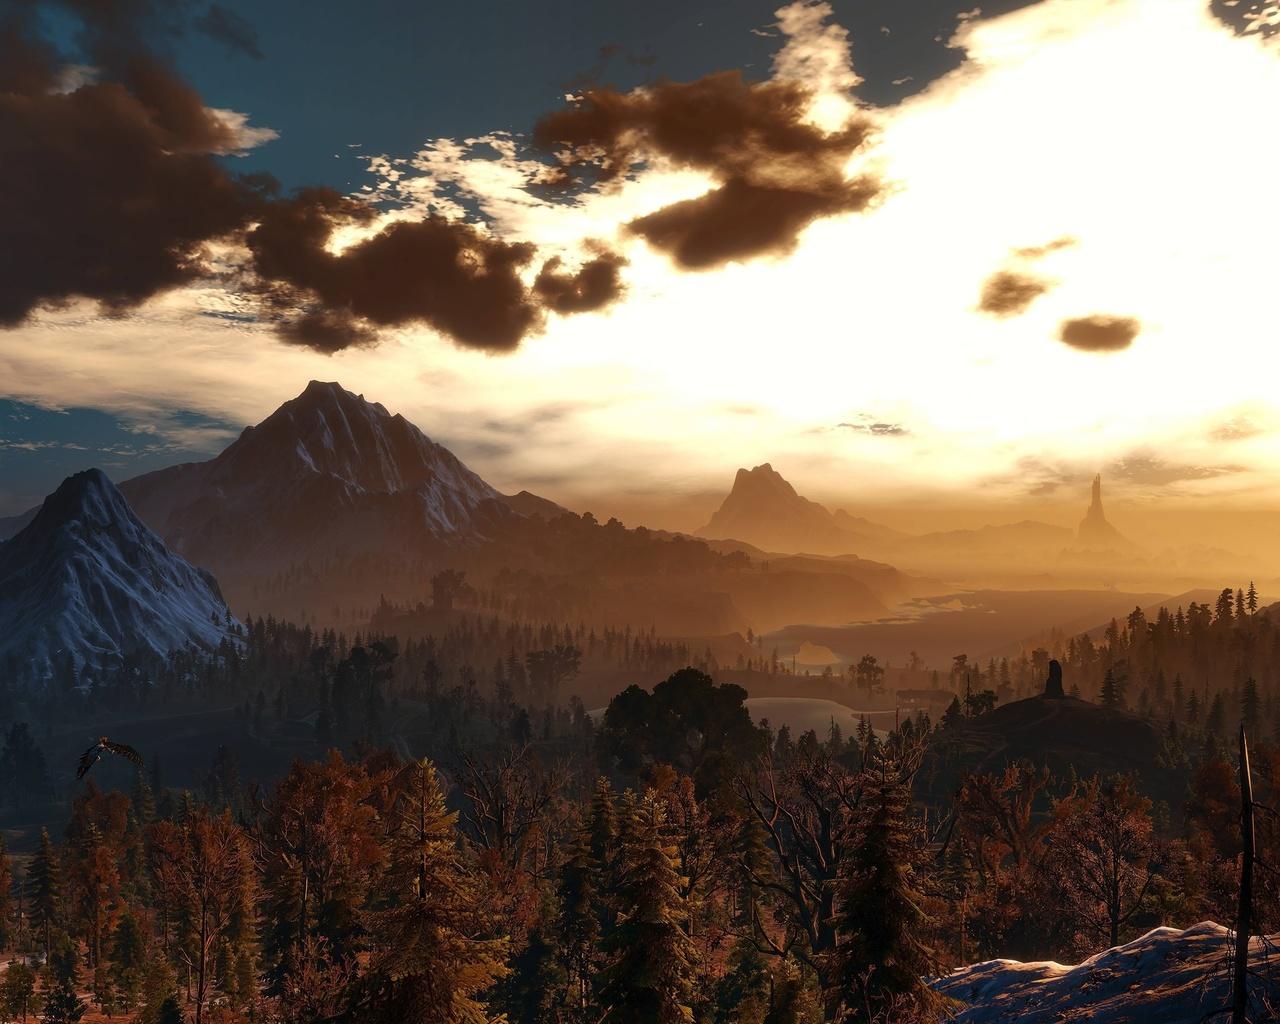 закат, деревья, горы, птицы, облака